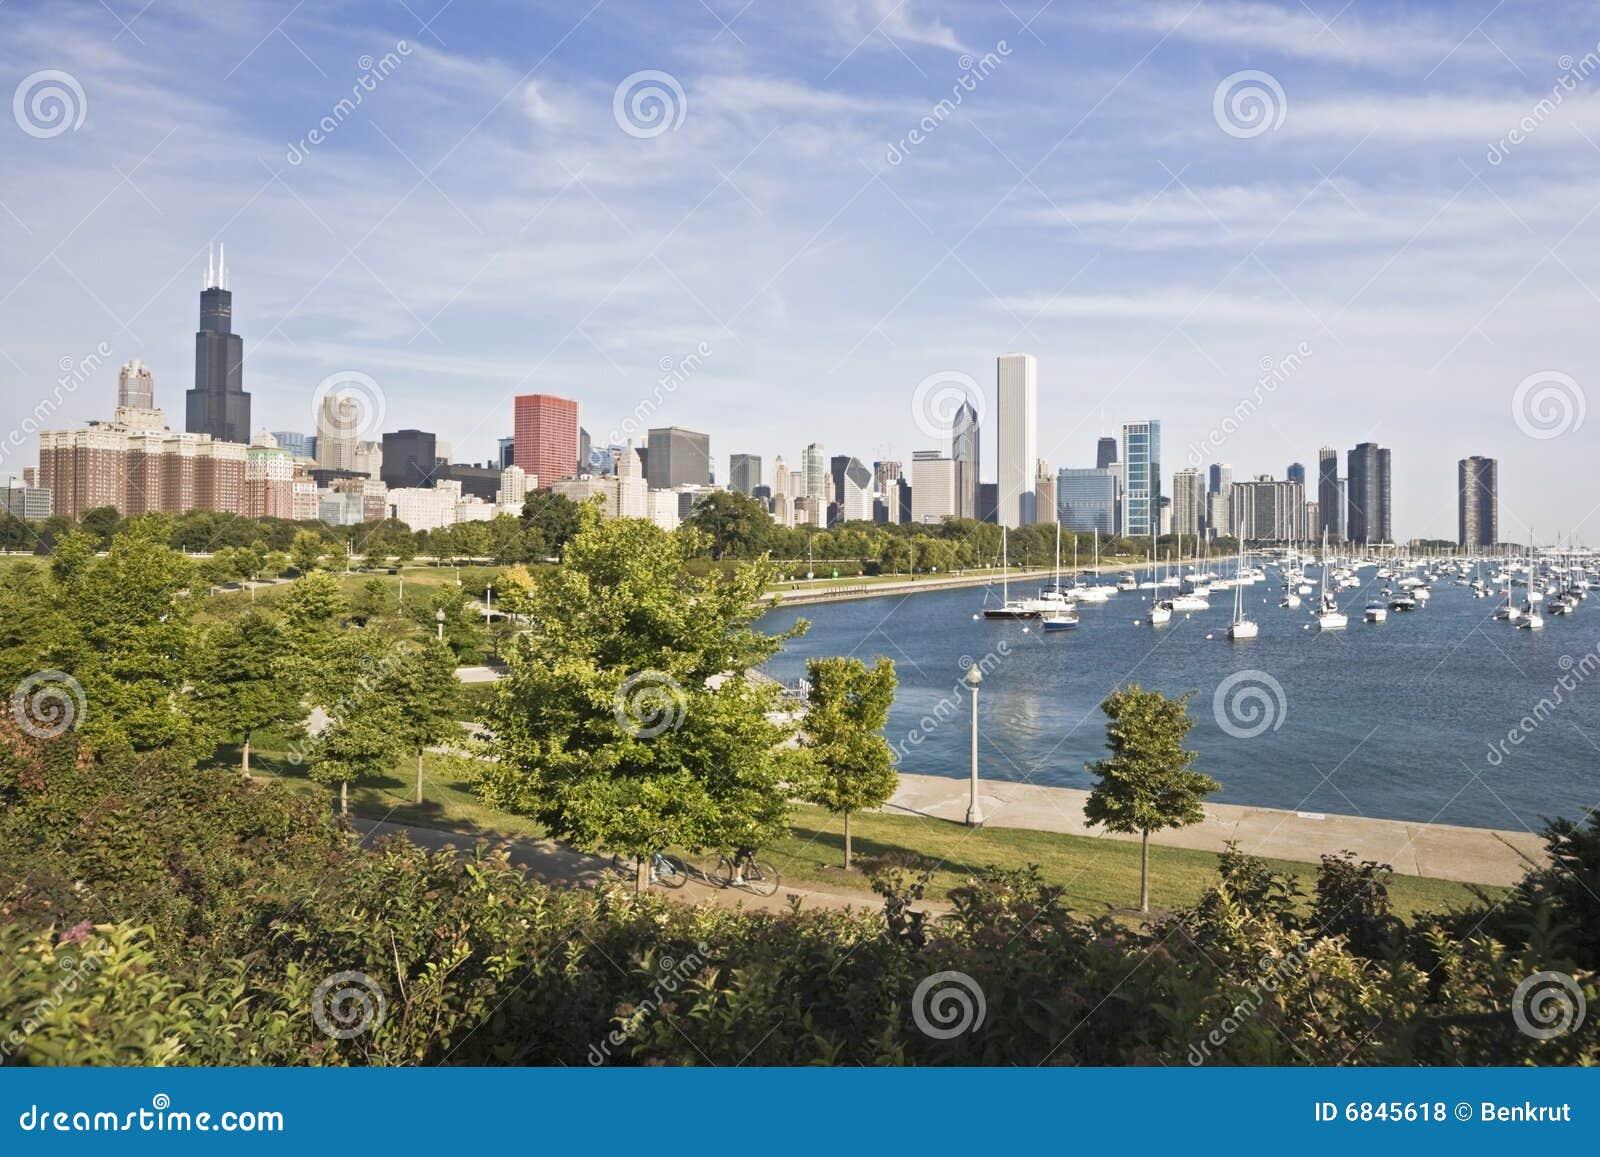 芝加哥全景